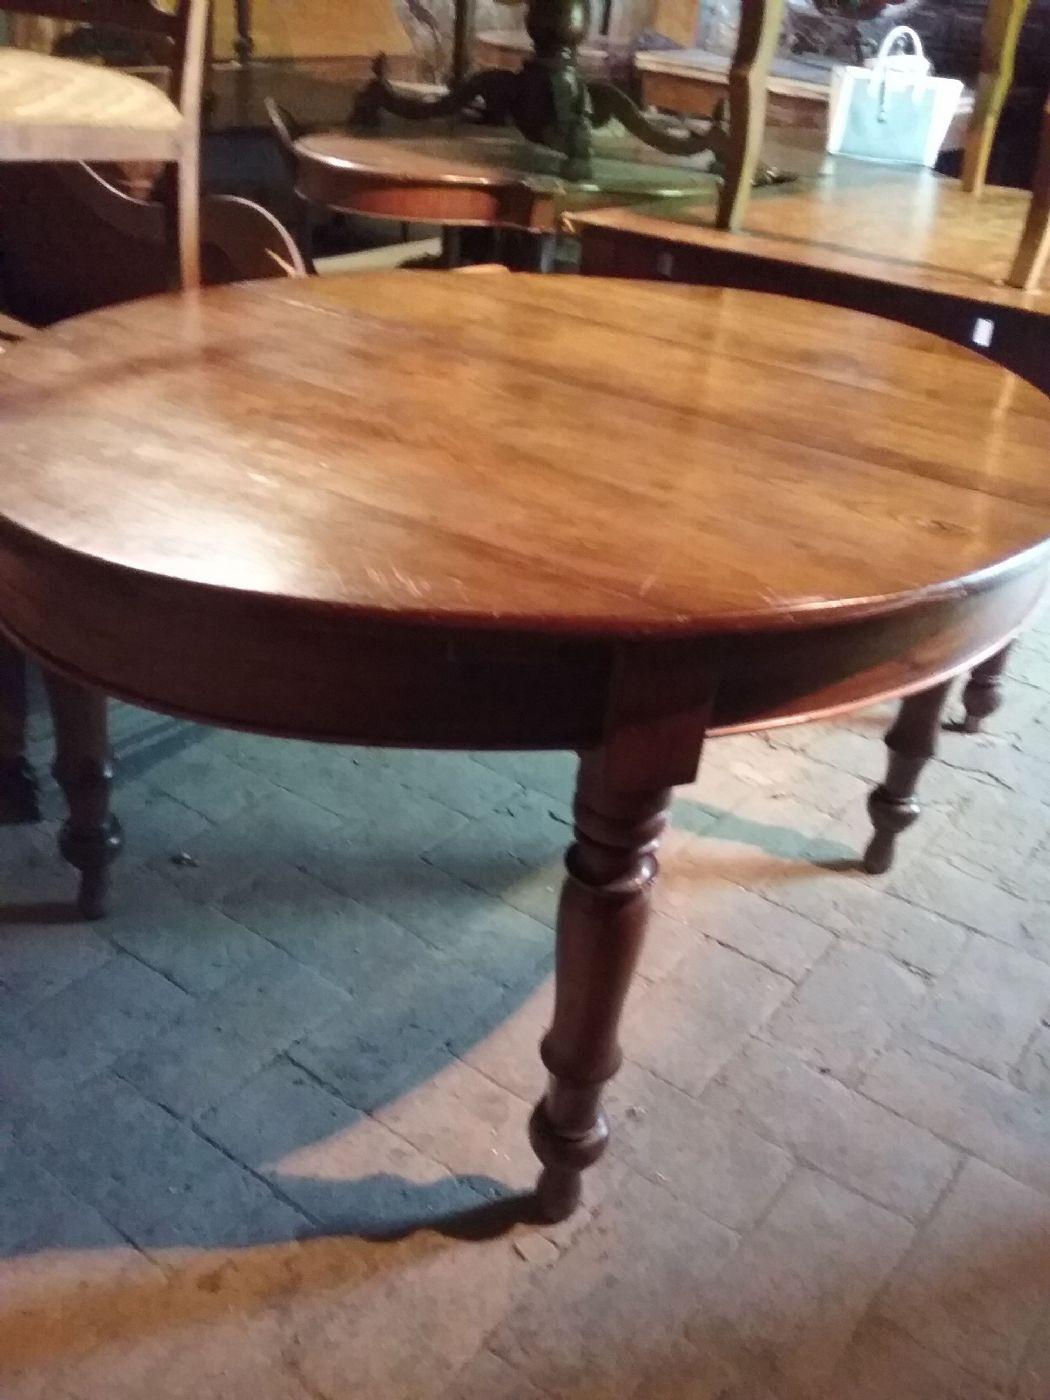 Tavolo Antico Allungabile Toscana.Tavolo Ovale In Olmo Misura160x125 Toscano Allungabile Fino A Cm 280